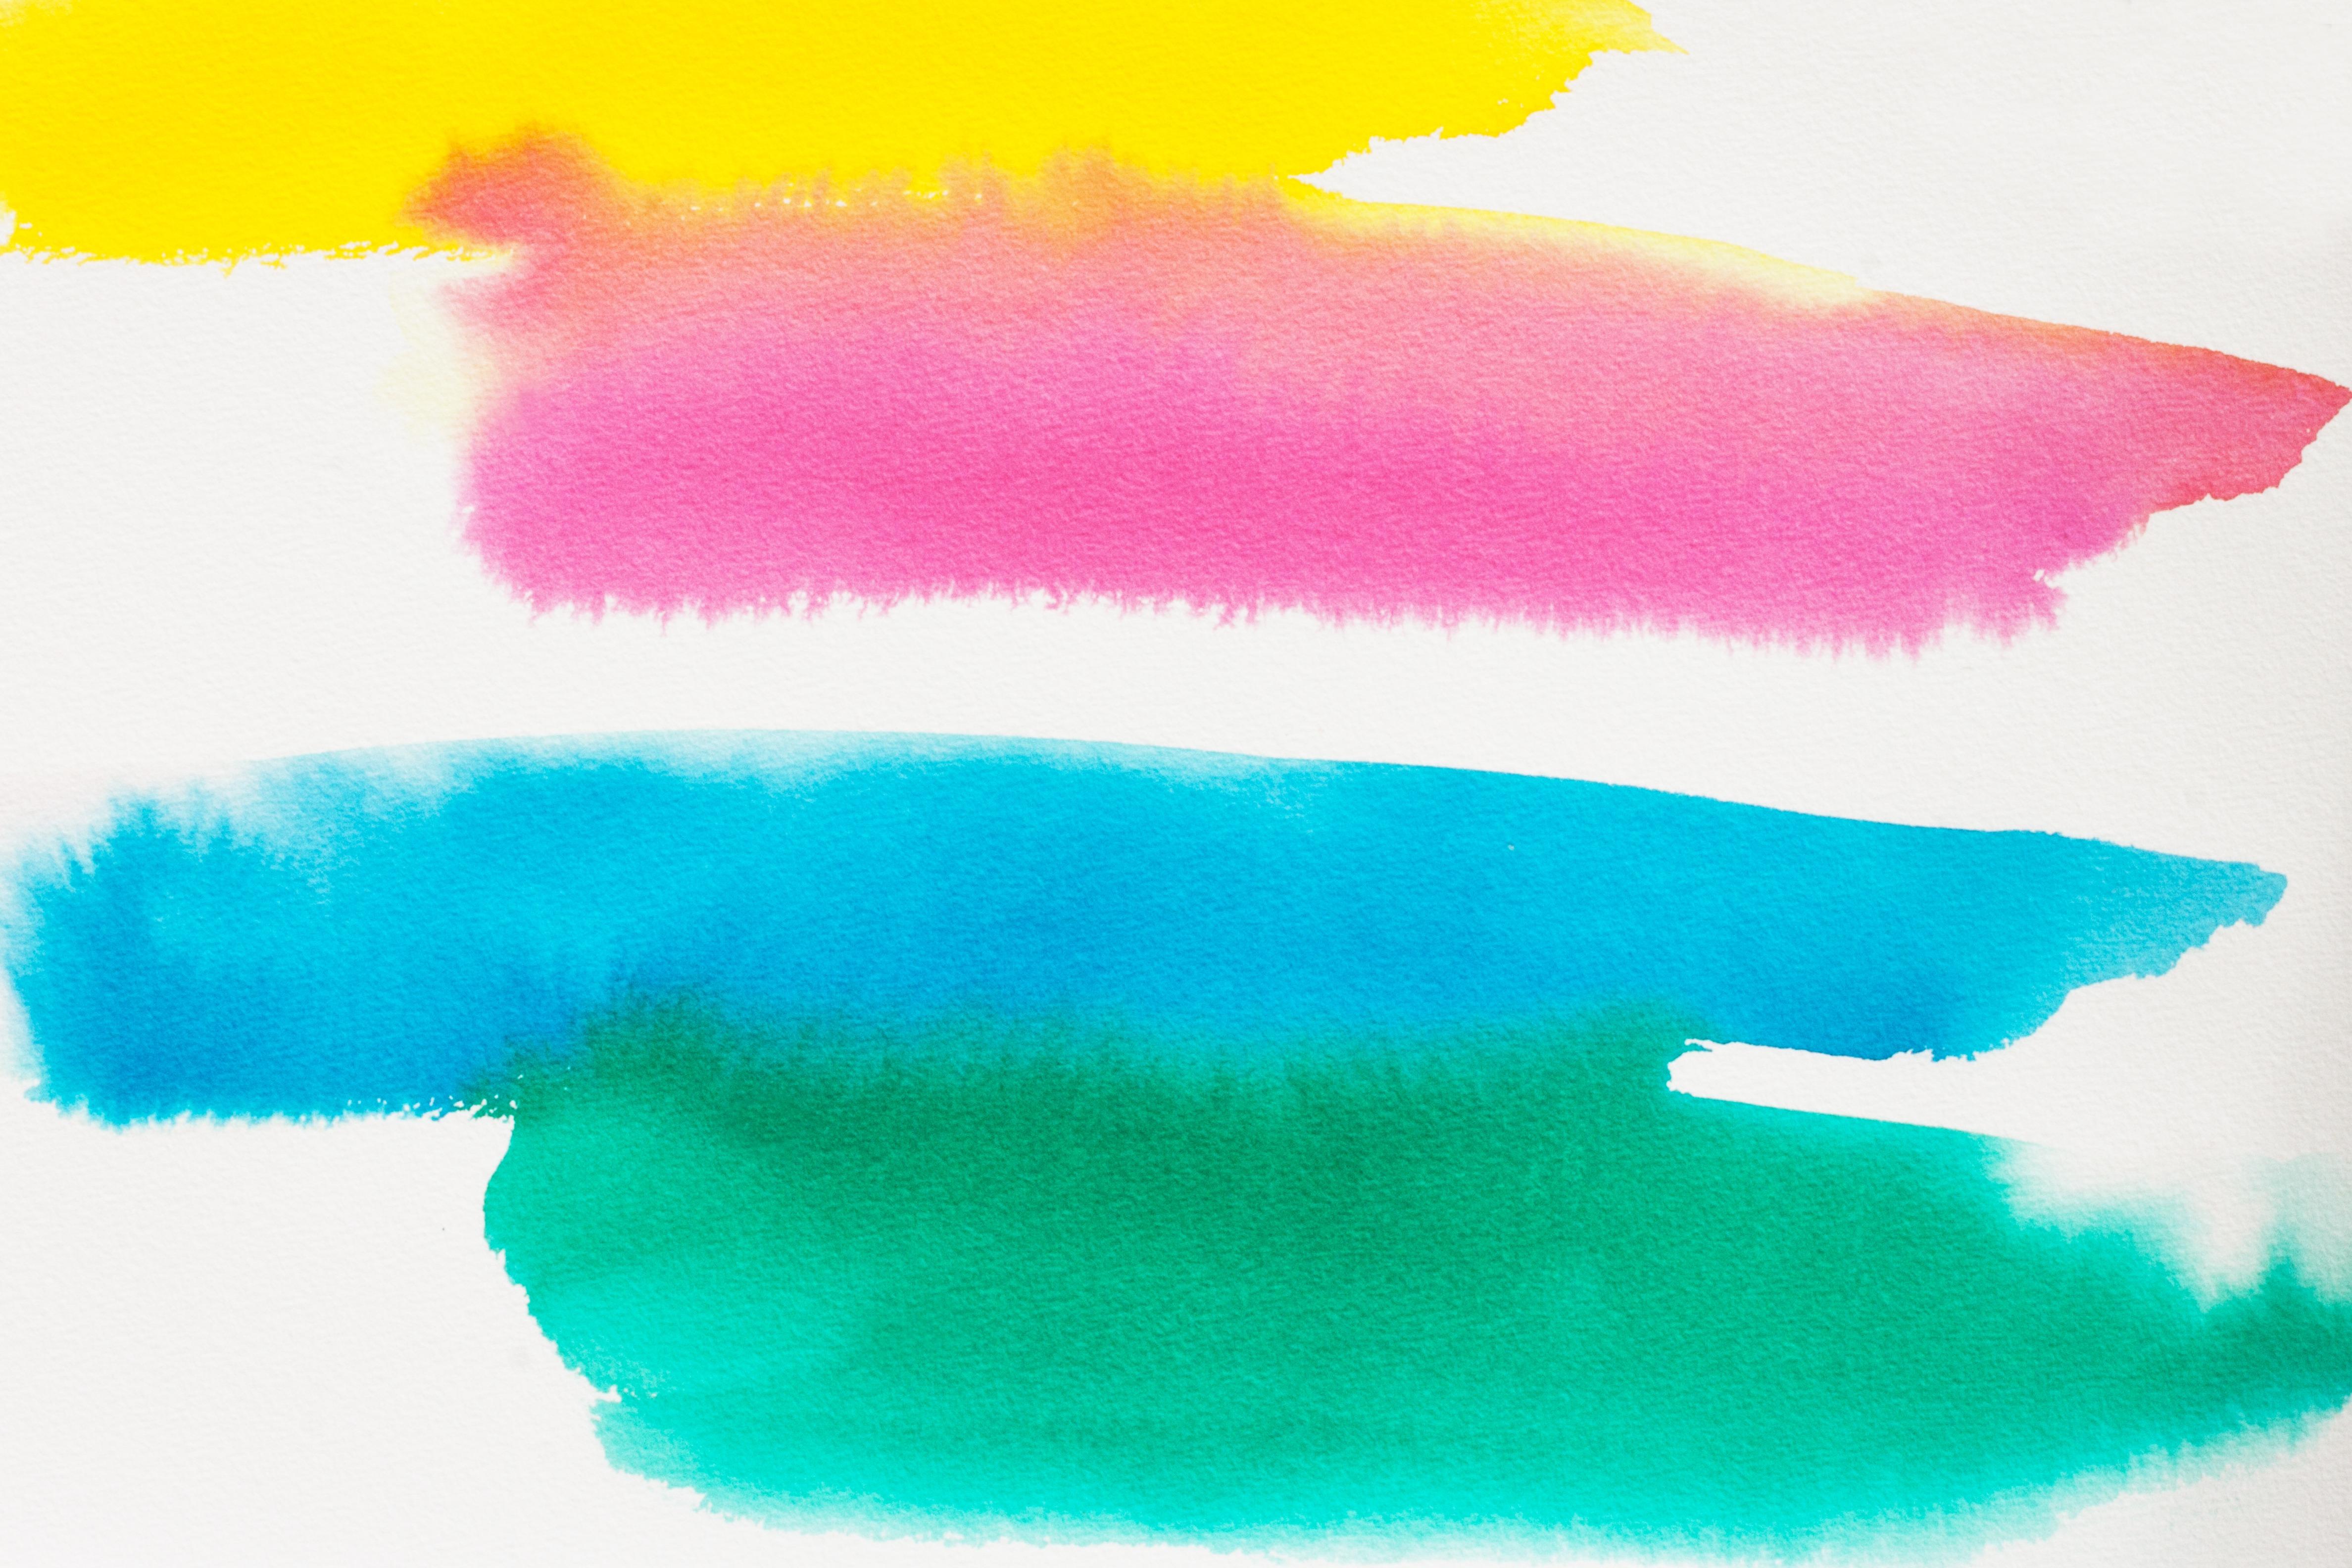 Hình ảnh Màu Xanh Lá Thanh Thản Màu Xanh Da Trời Quần